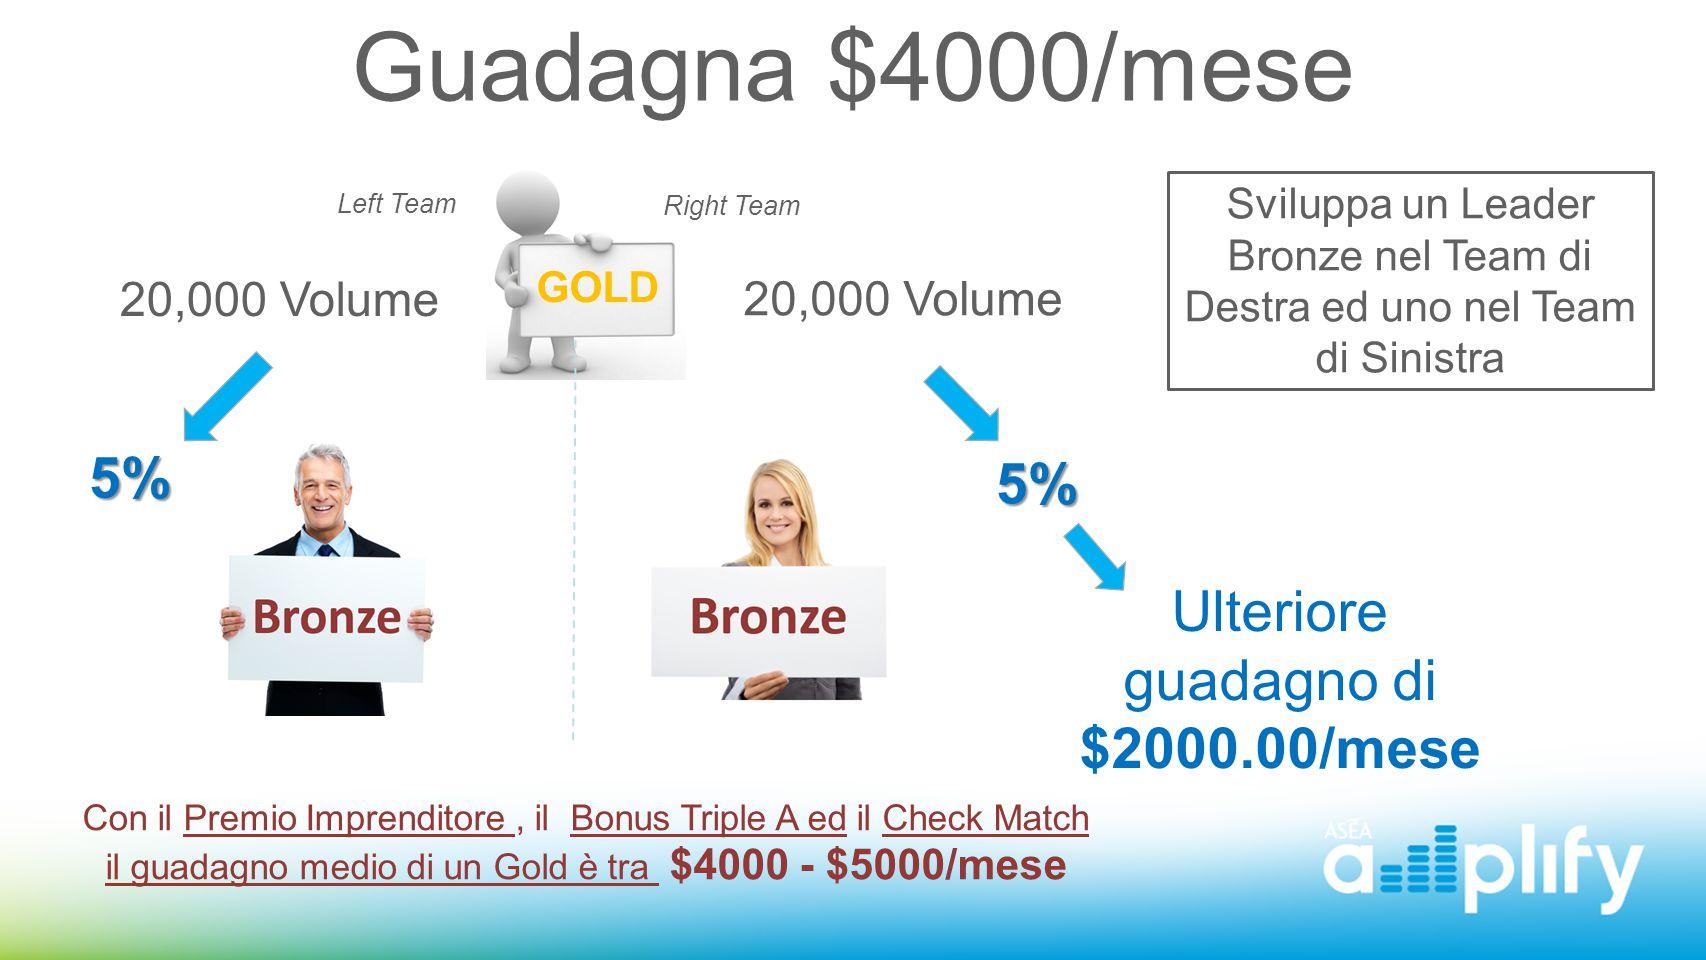 Ulteriore guadagno di $2000.00/mese